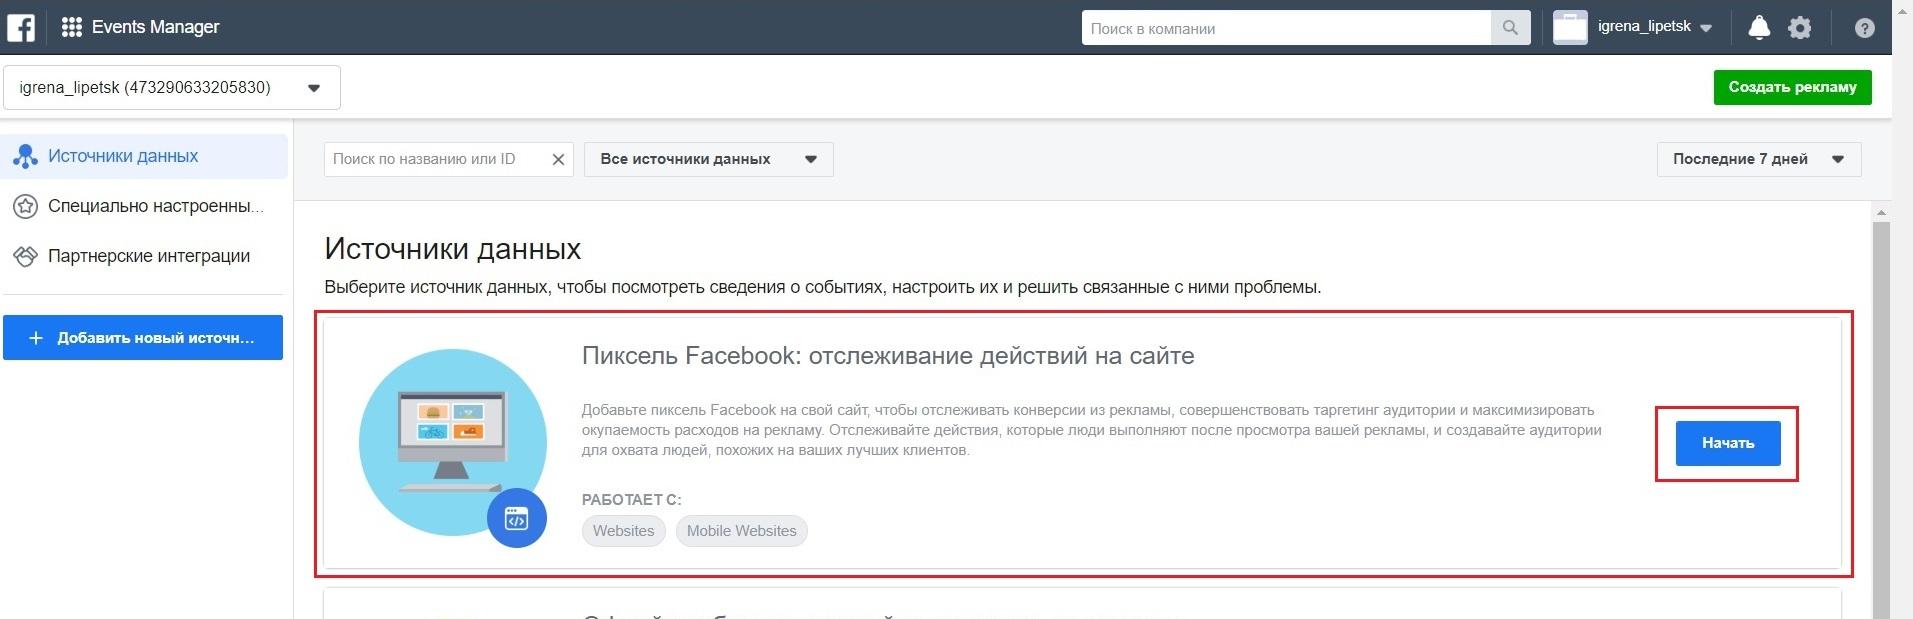 Пиксель Фейсбук как установить — простая инструкция из 5 шагов